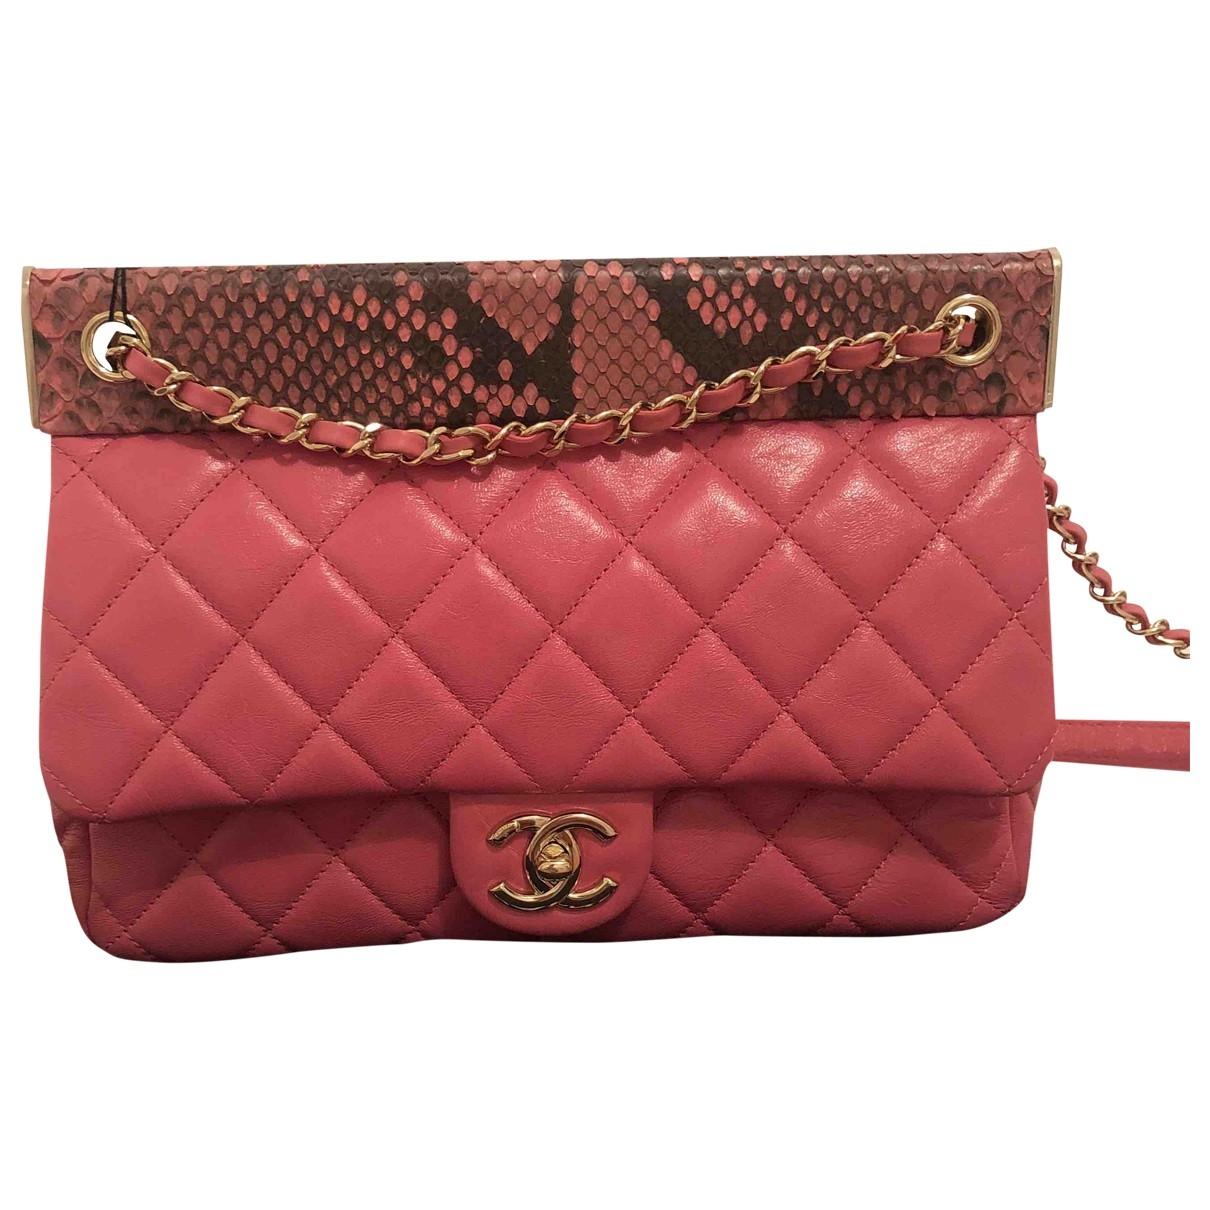 Chanel - Sac a main   pour femme en python - rose